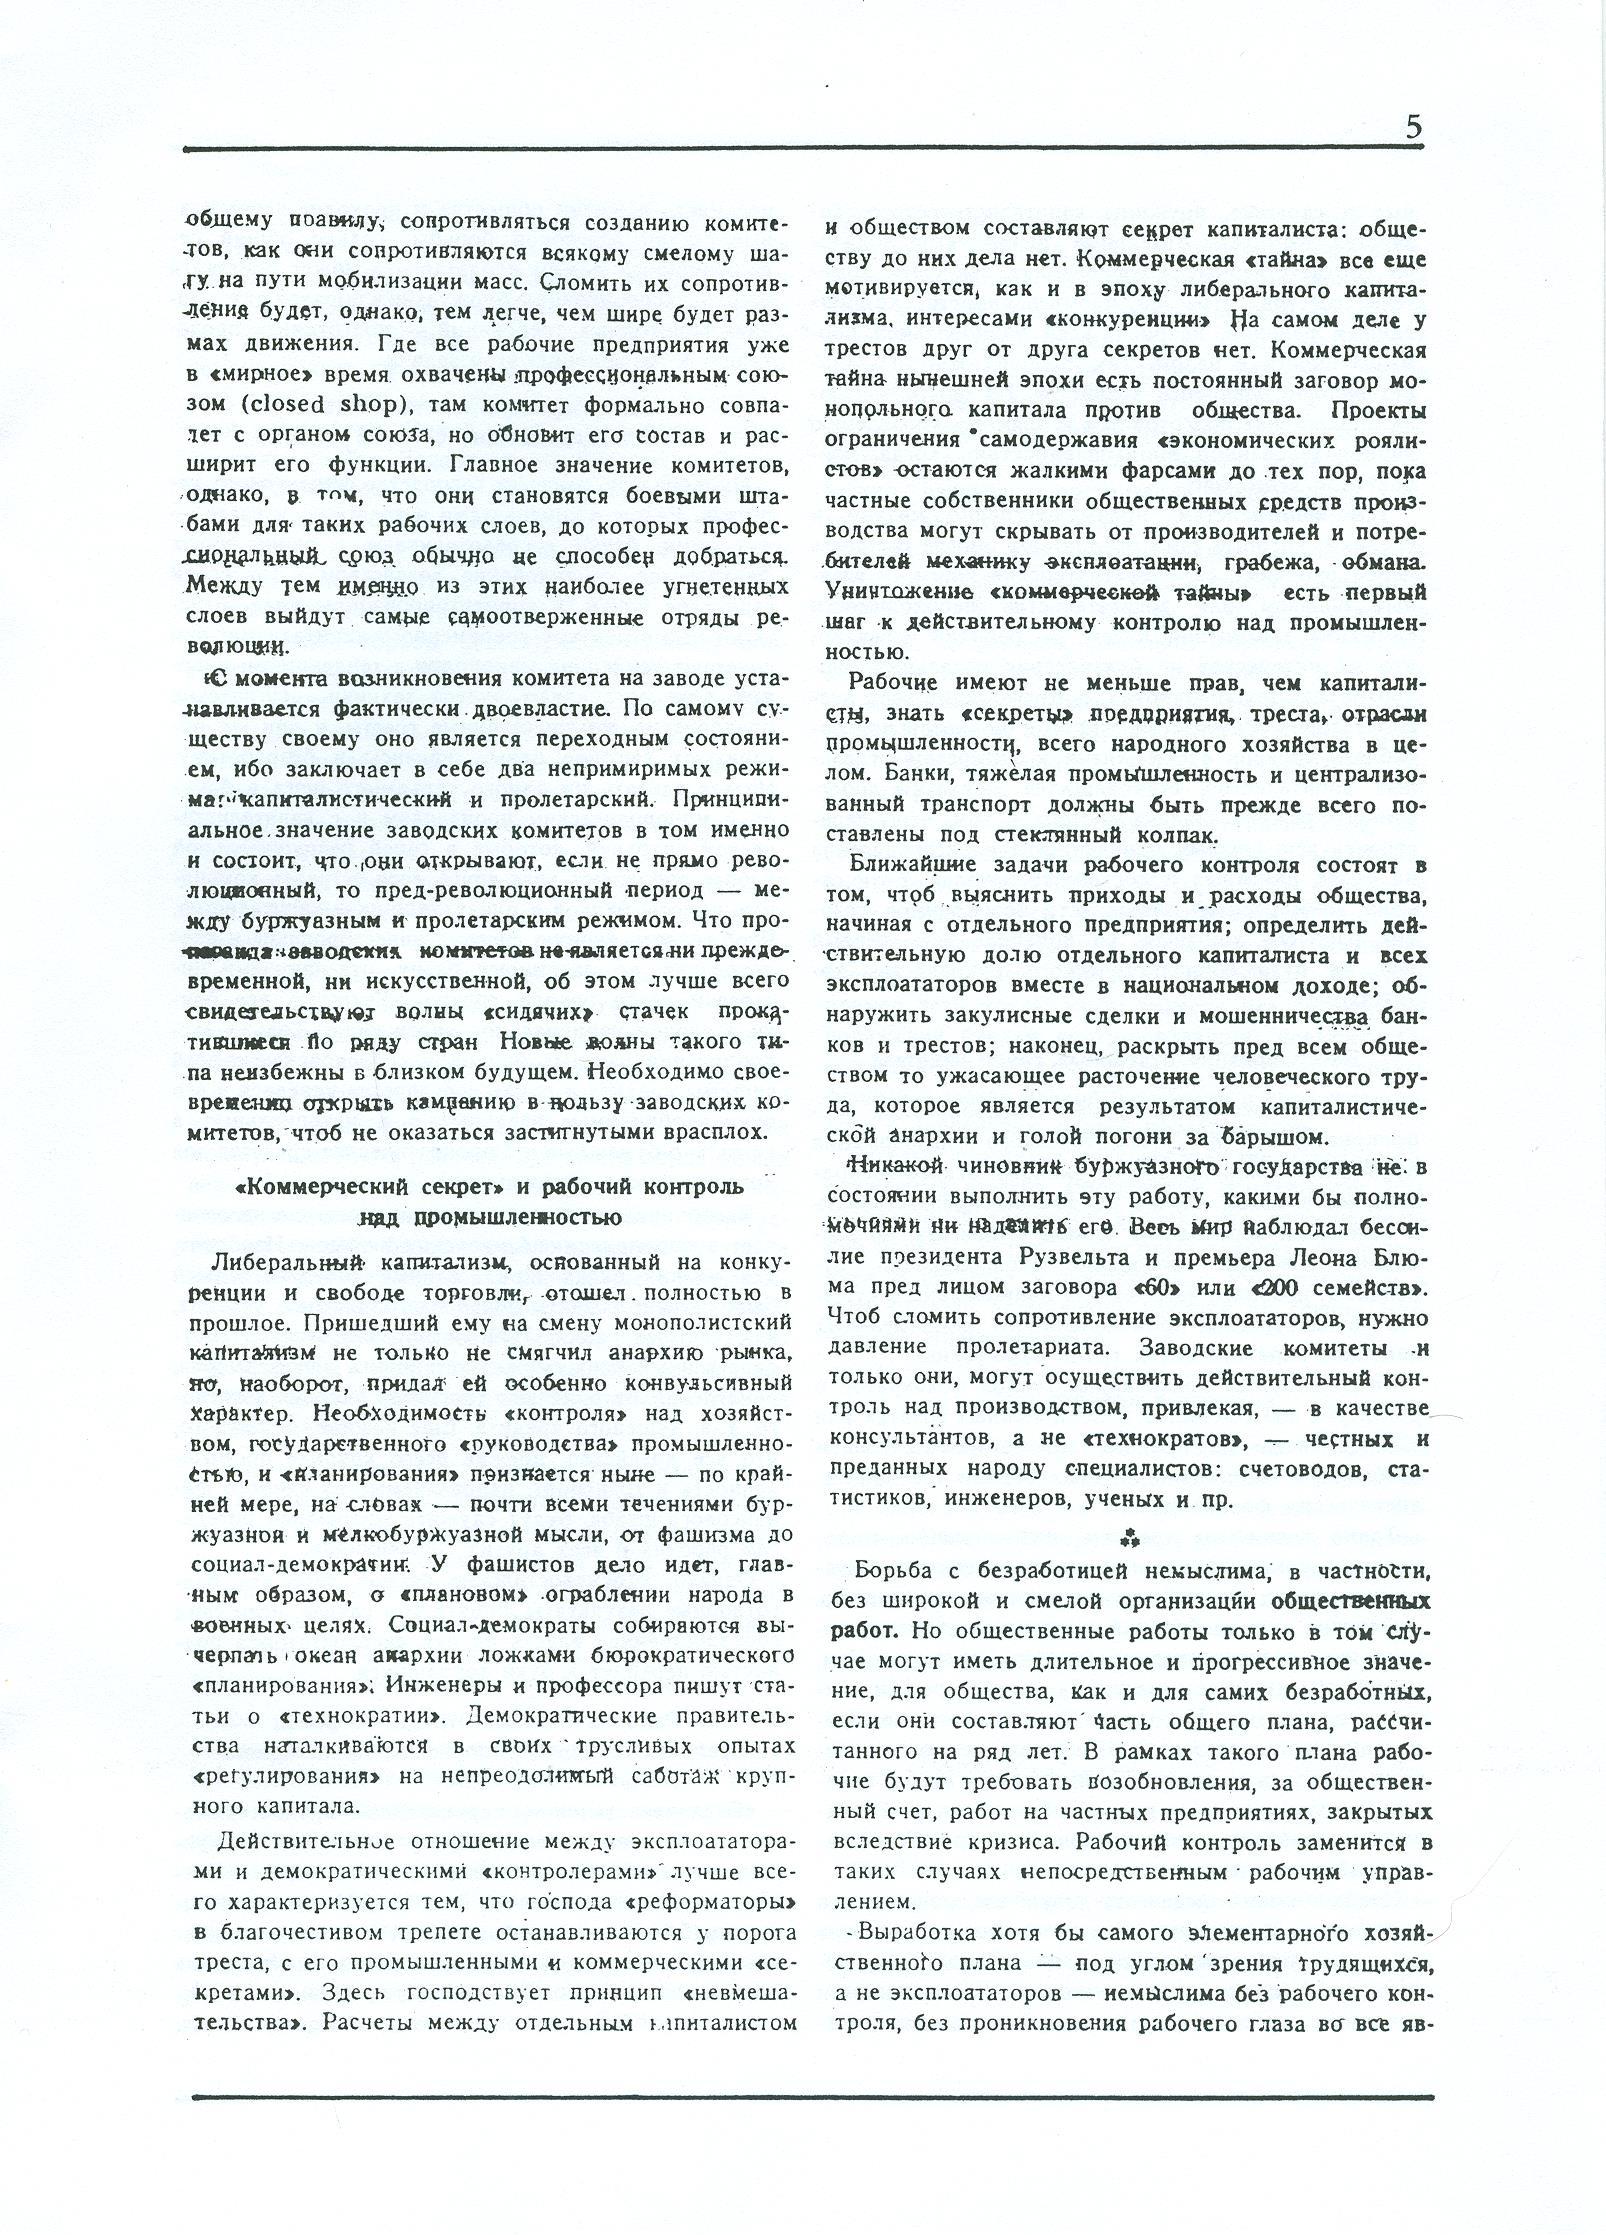 Dagli archivi del bolscevismo n. 1 (marzo 1986) - pag. 5